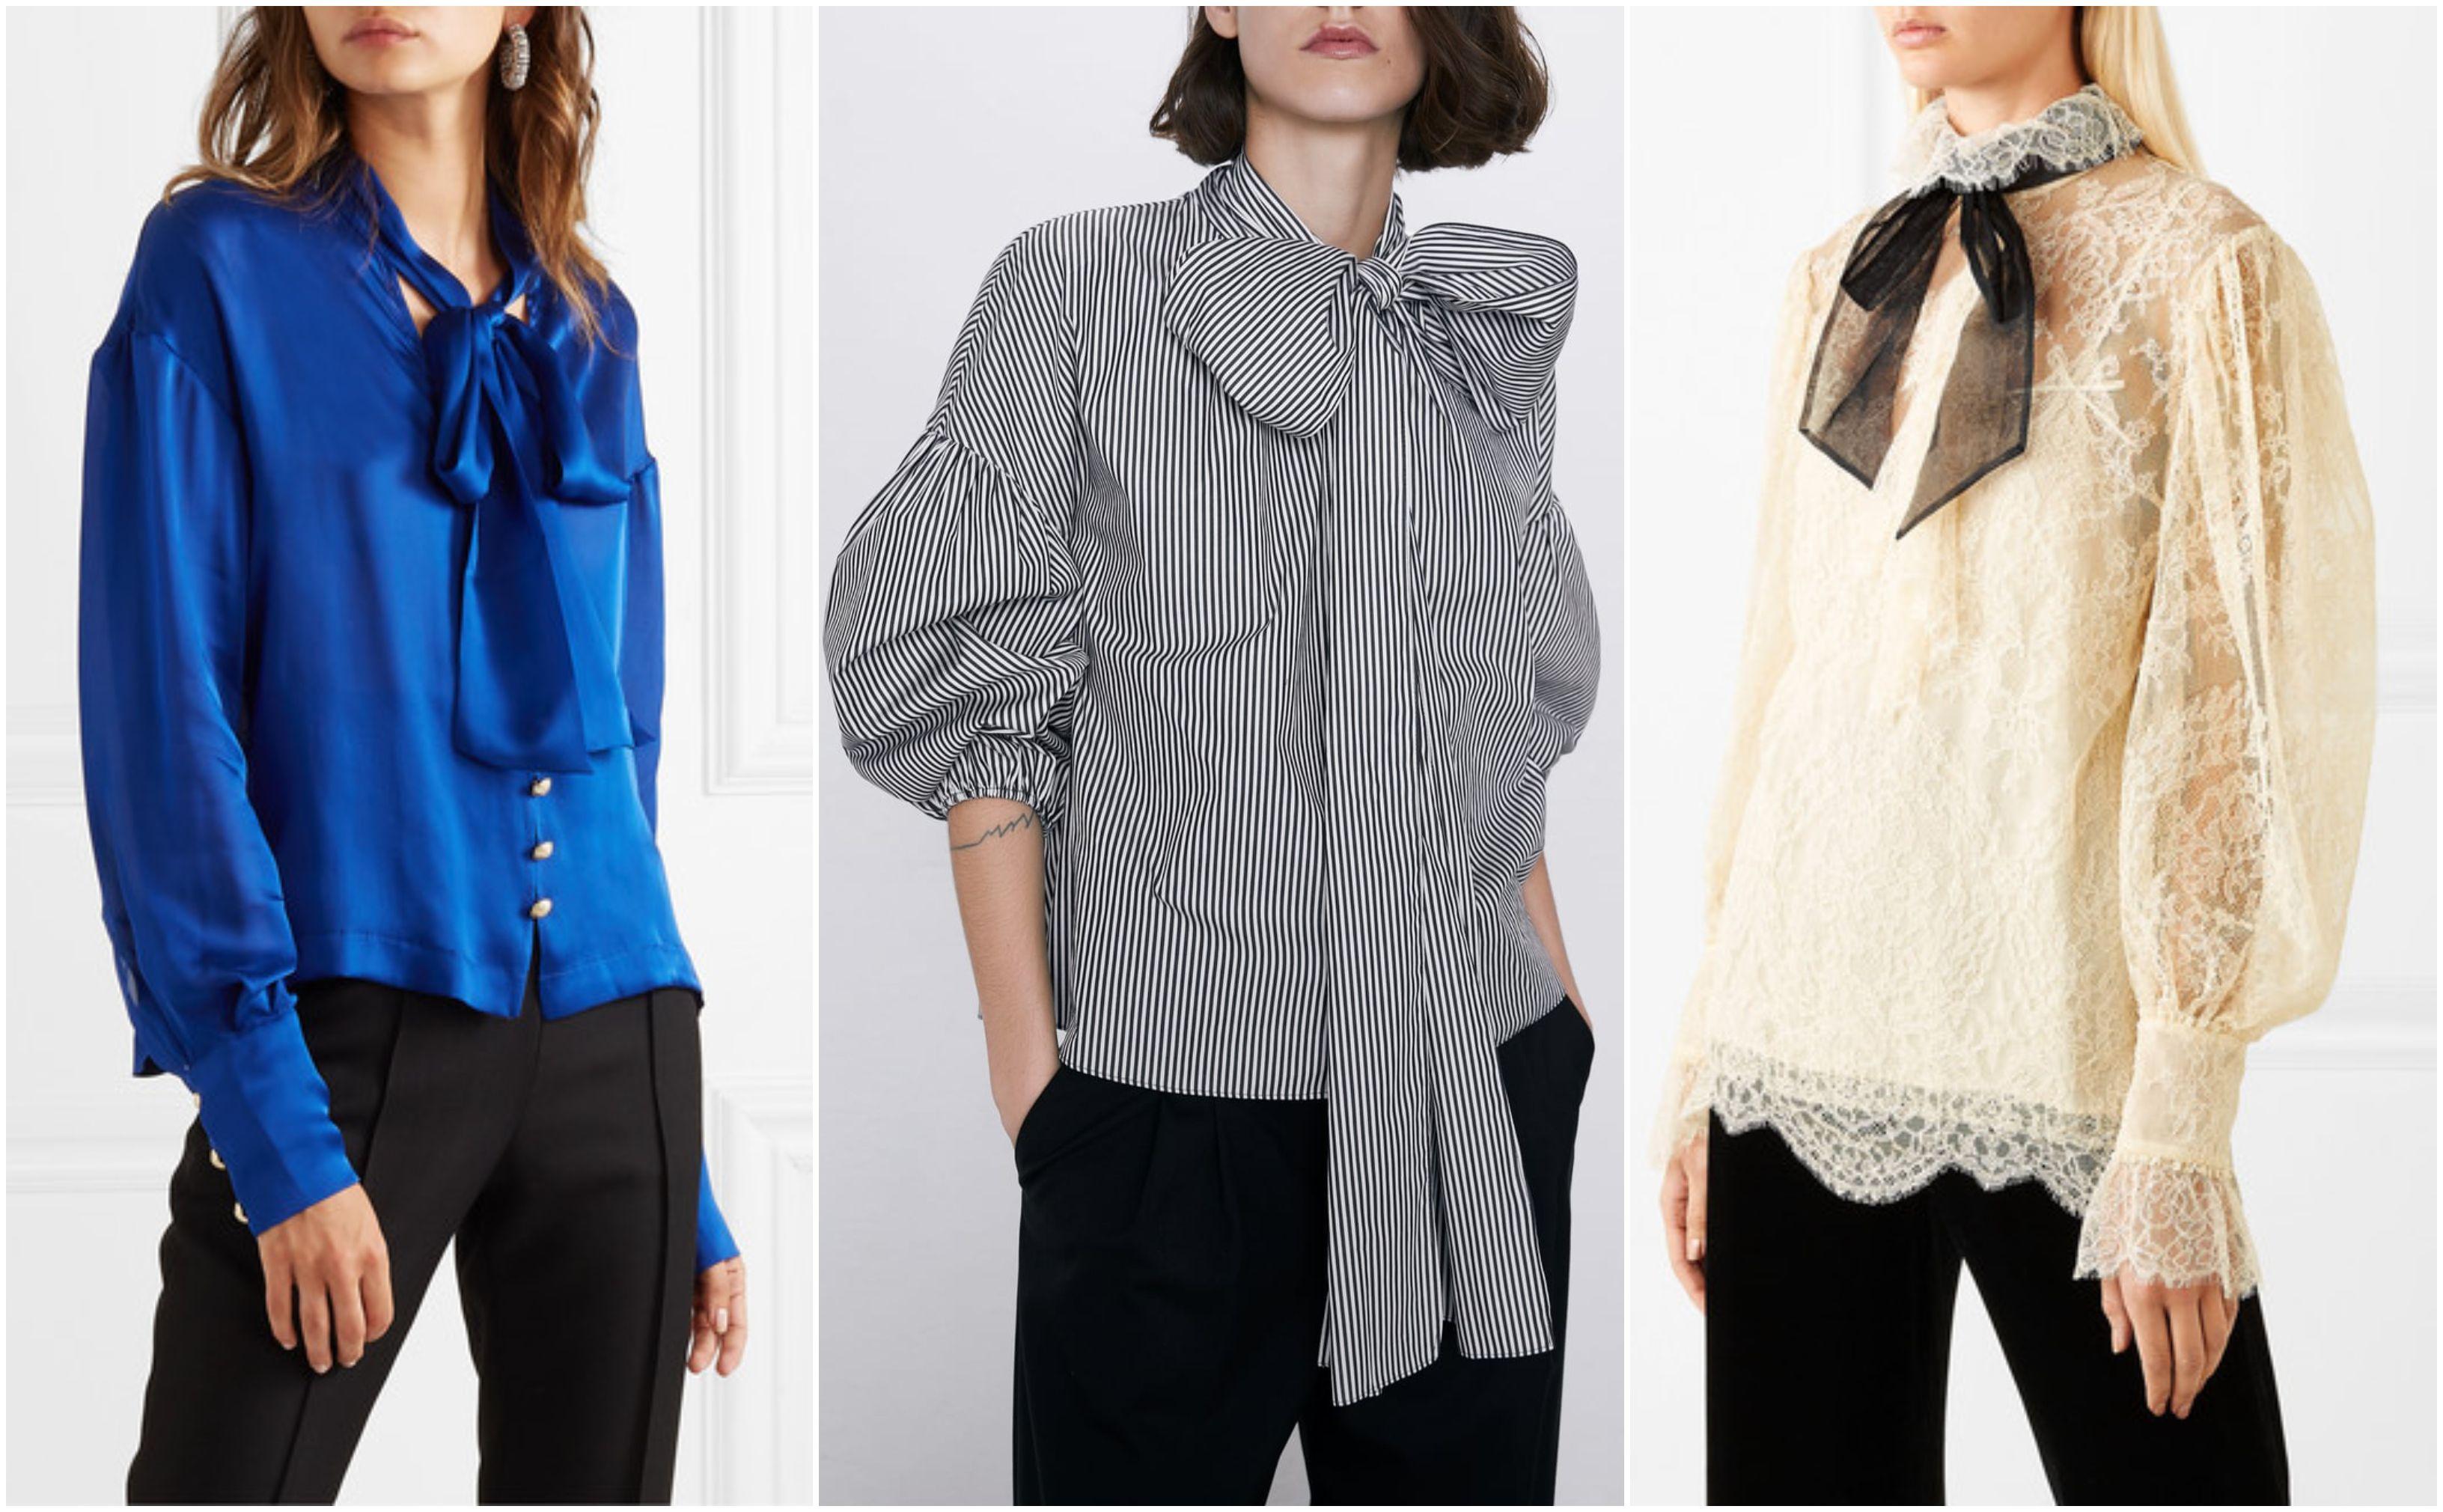 Bluze s mašnom podići će baš svaku kombinaciju! Pogledajte 15 predivnih modela koje skriva high street ponuda